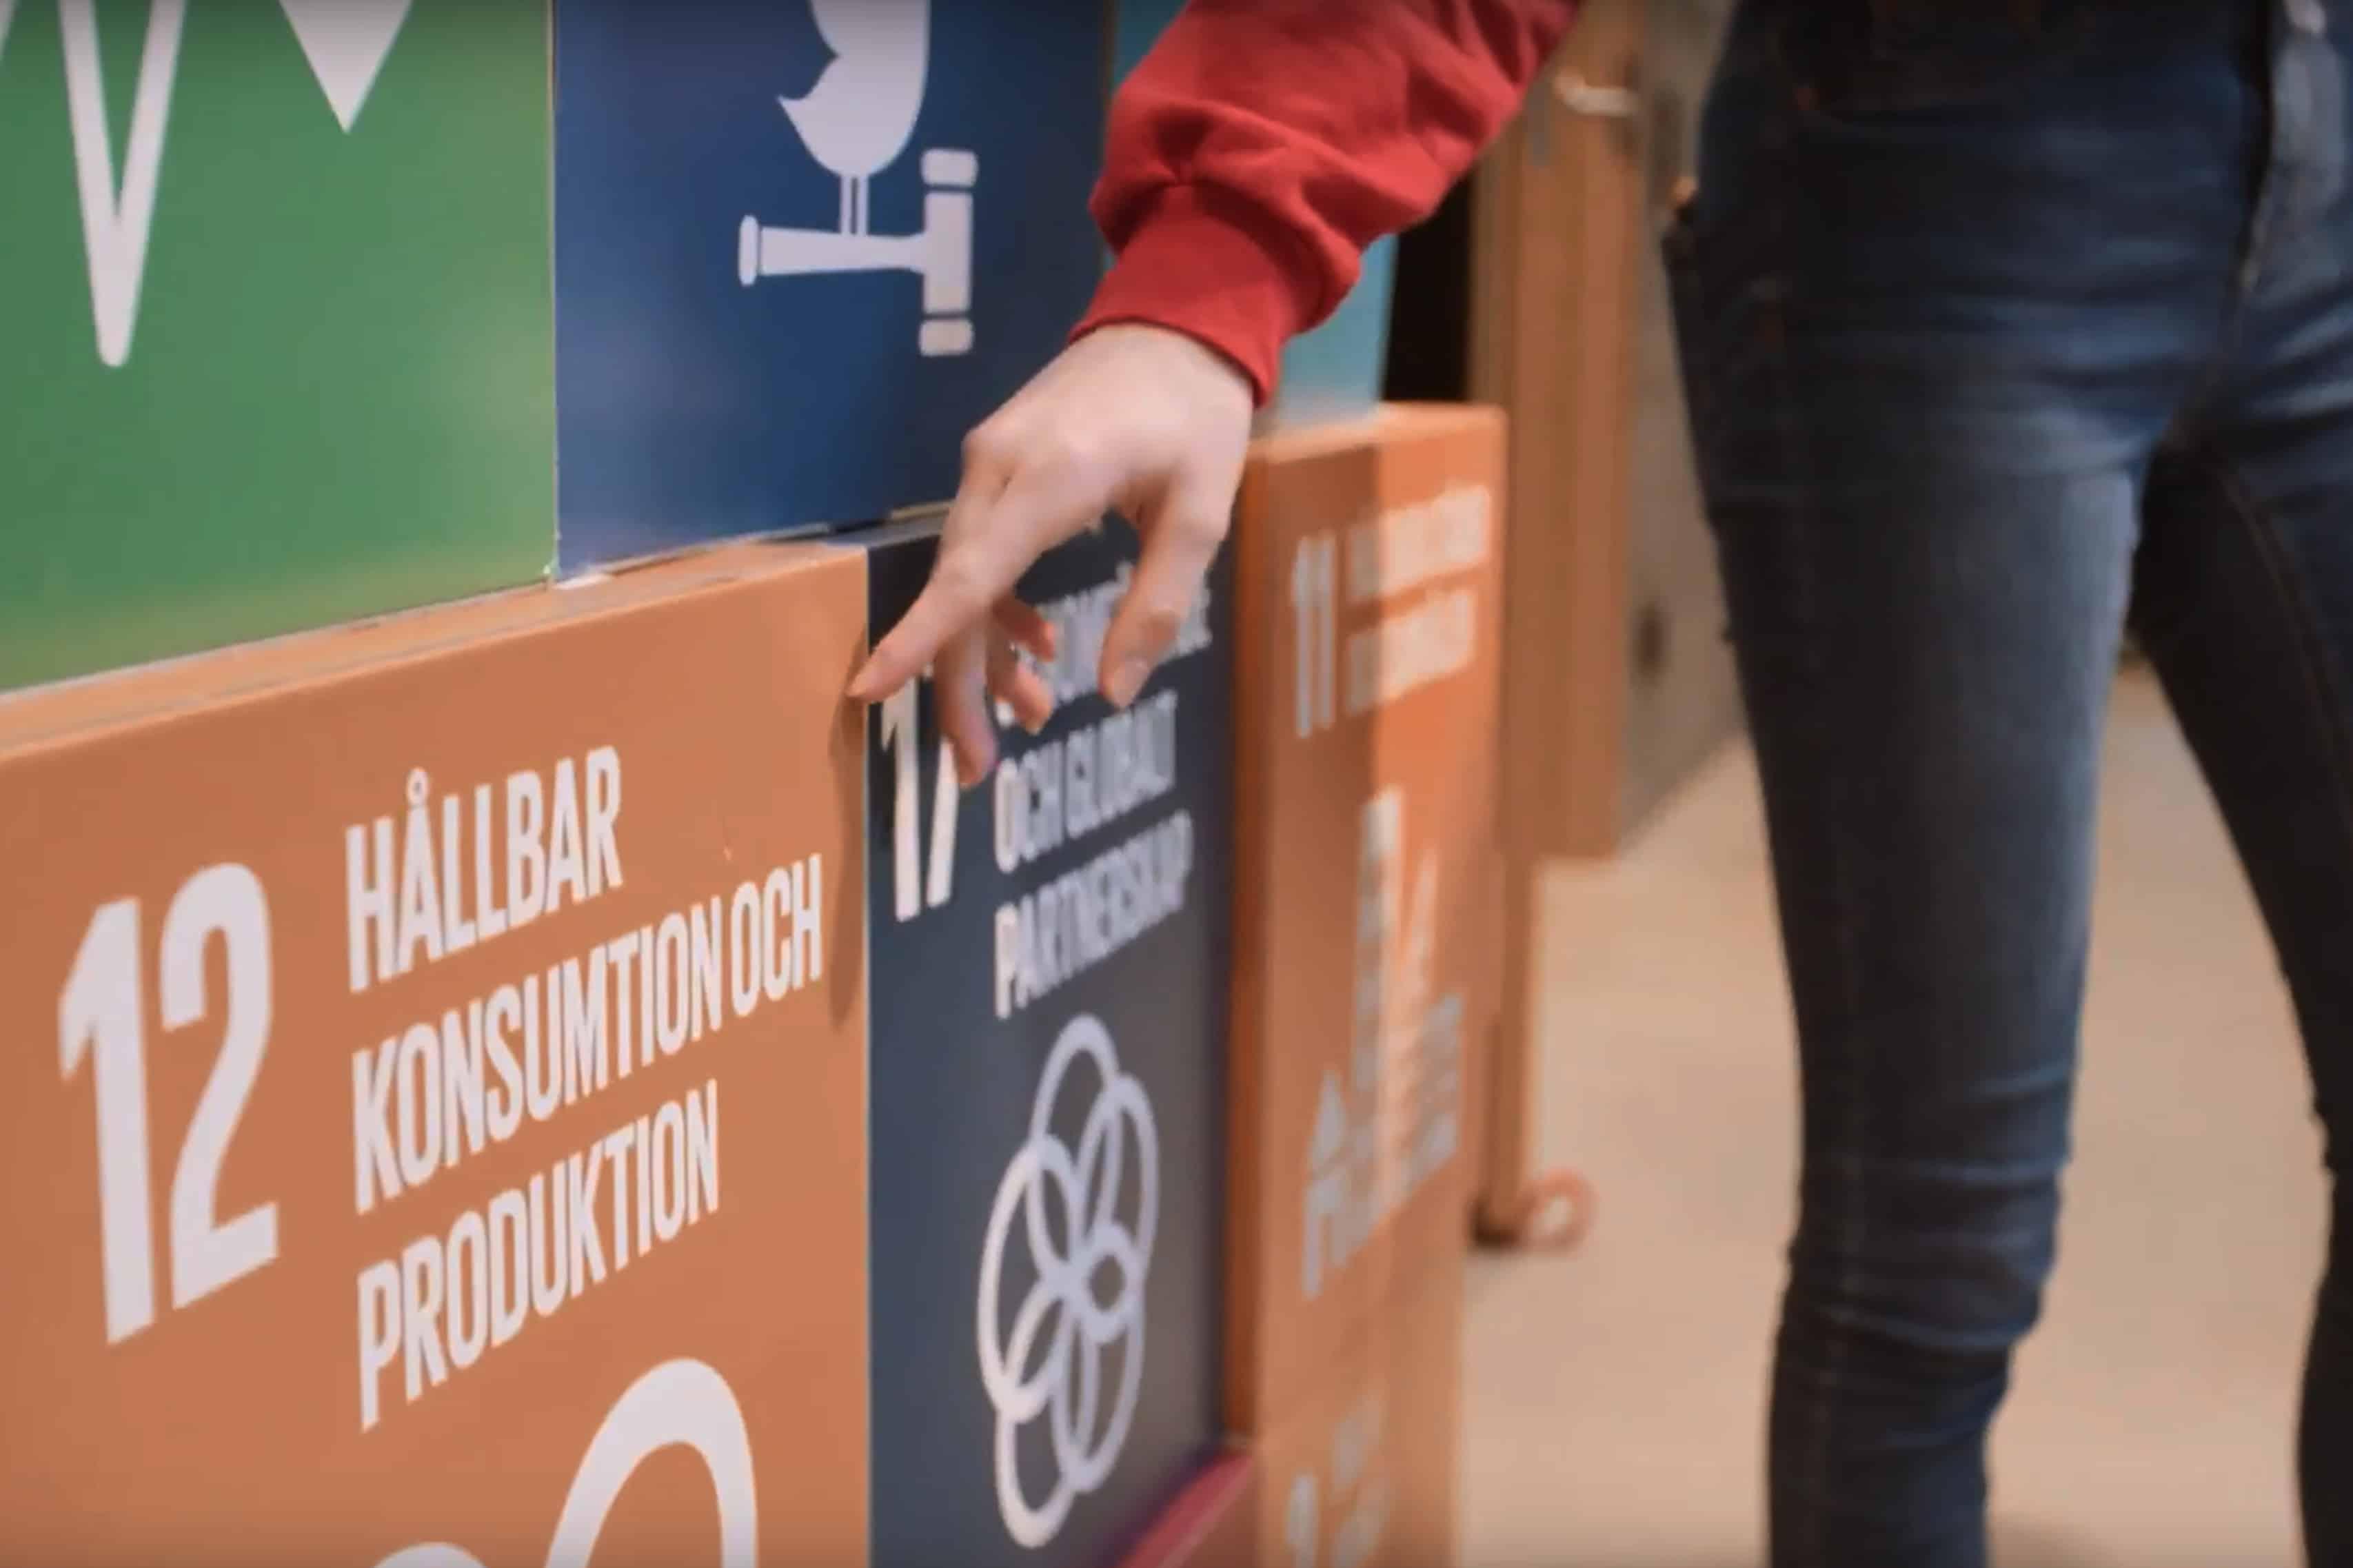 15.00-15.30      Prata hållbar konsumtion med dina elever– Miljöförvaltningen Malmö stad